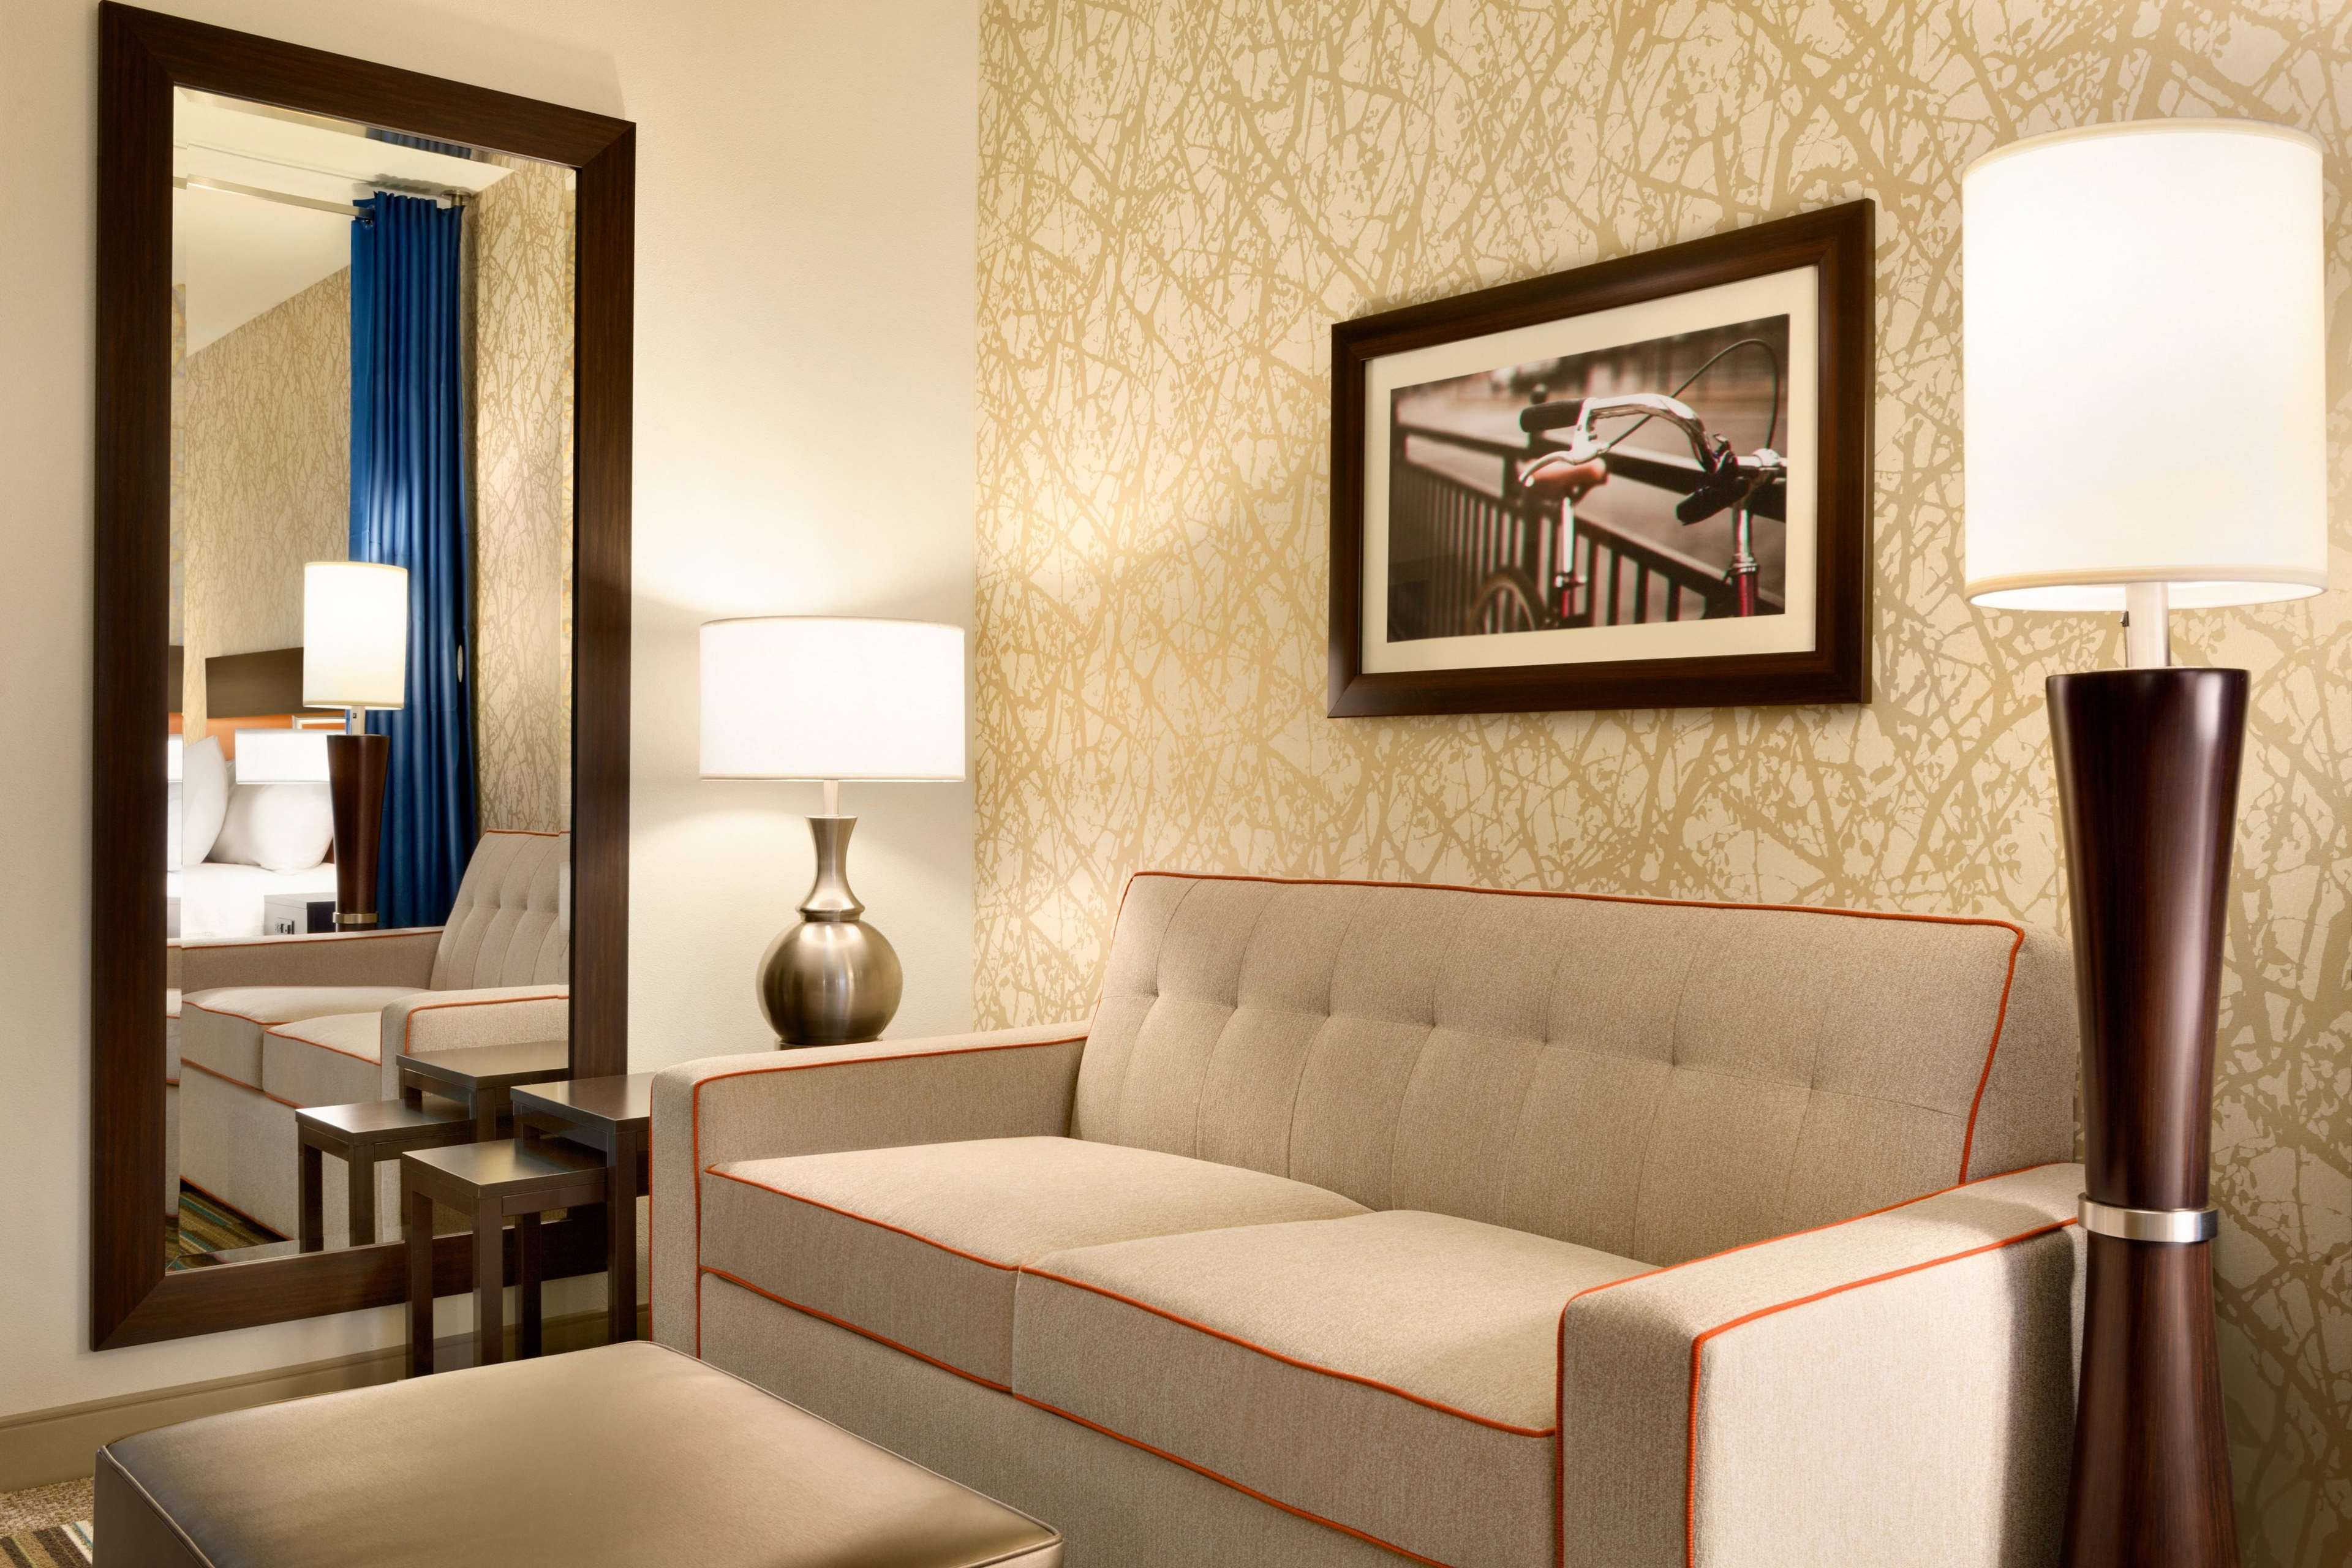 Home2 Suites by Hilton Birmingham Downtown image 5